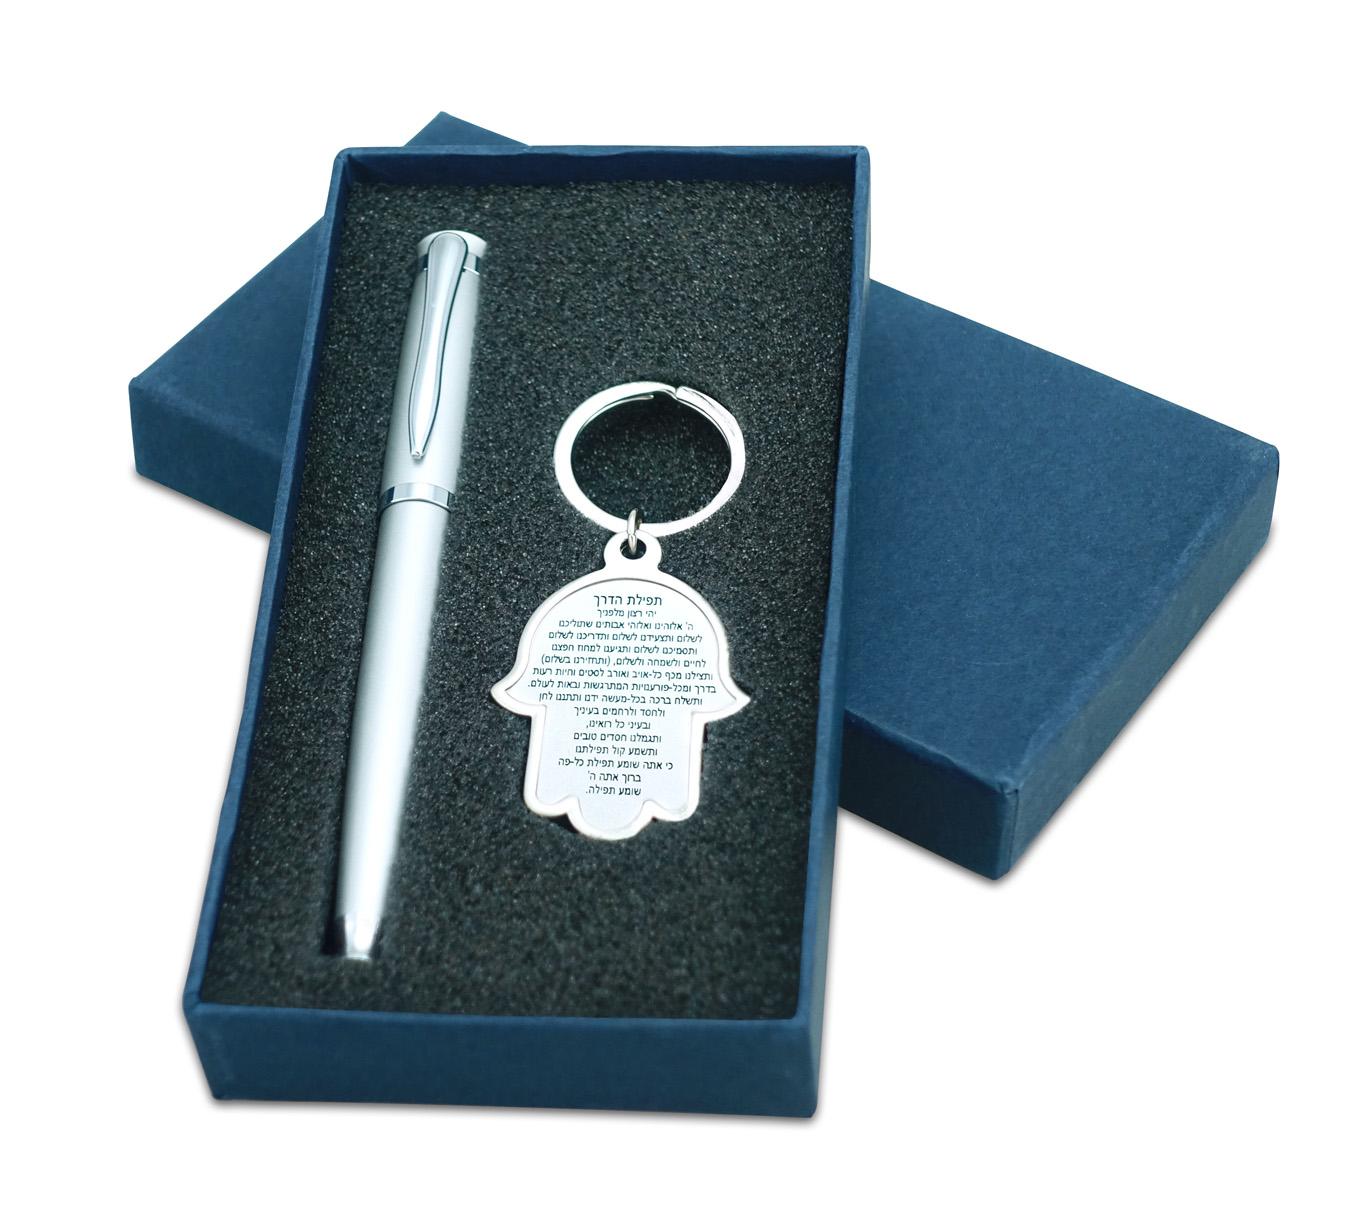 סט מחזיק מפתחות חמסה +עט מטאפ